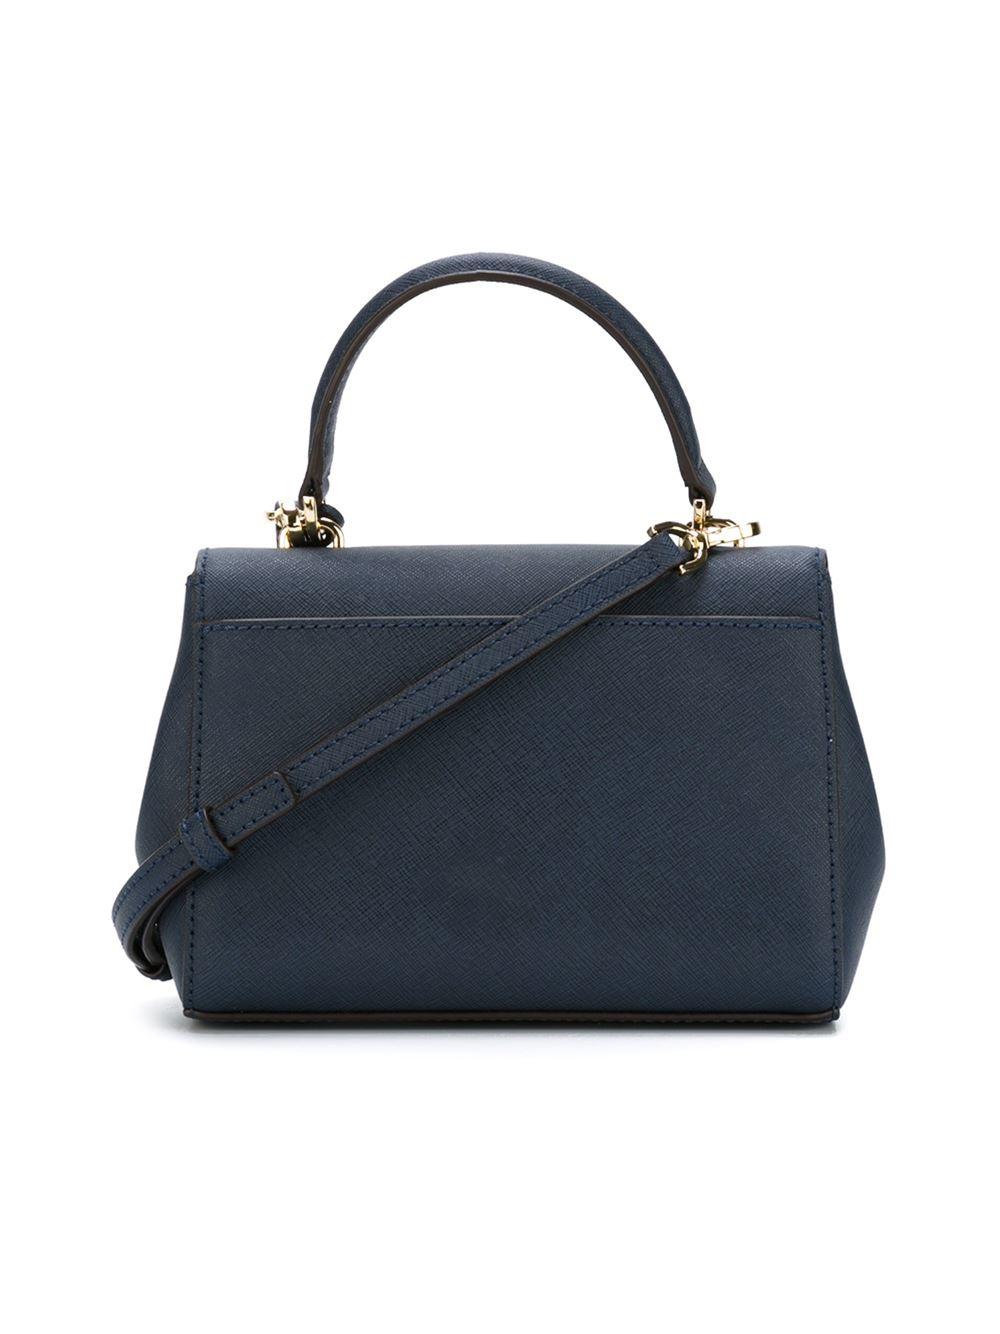 c6244b66dfe670 Michael Kors Small Blue Handbag | Stanford Center for Opportunity ...